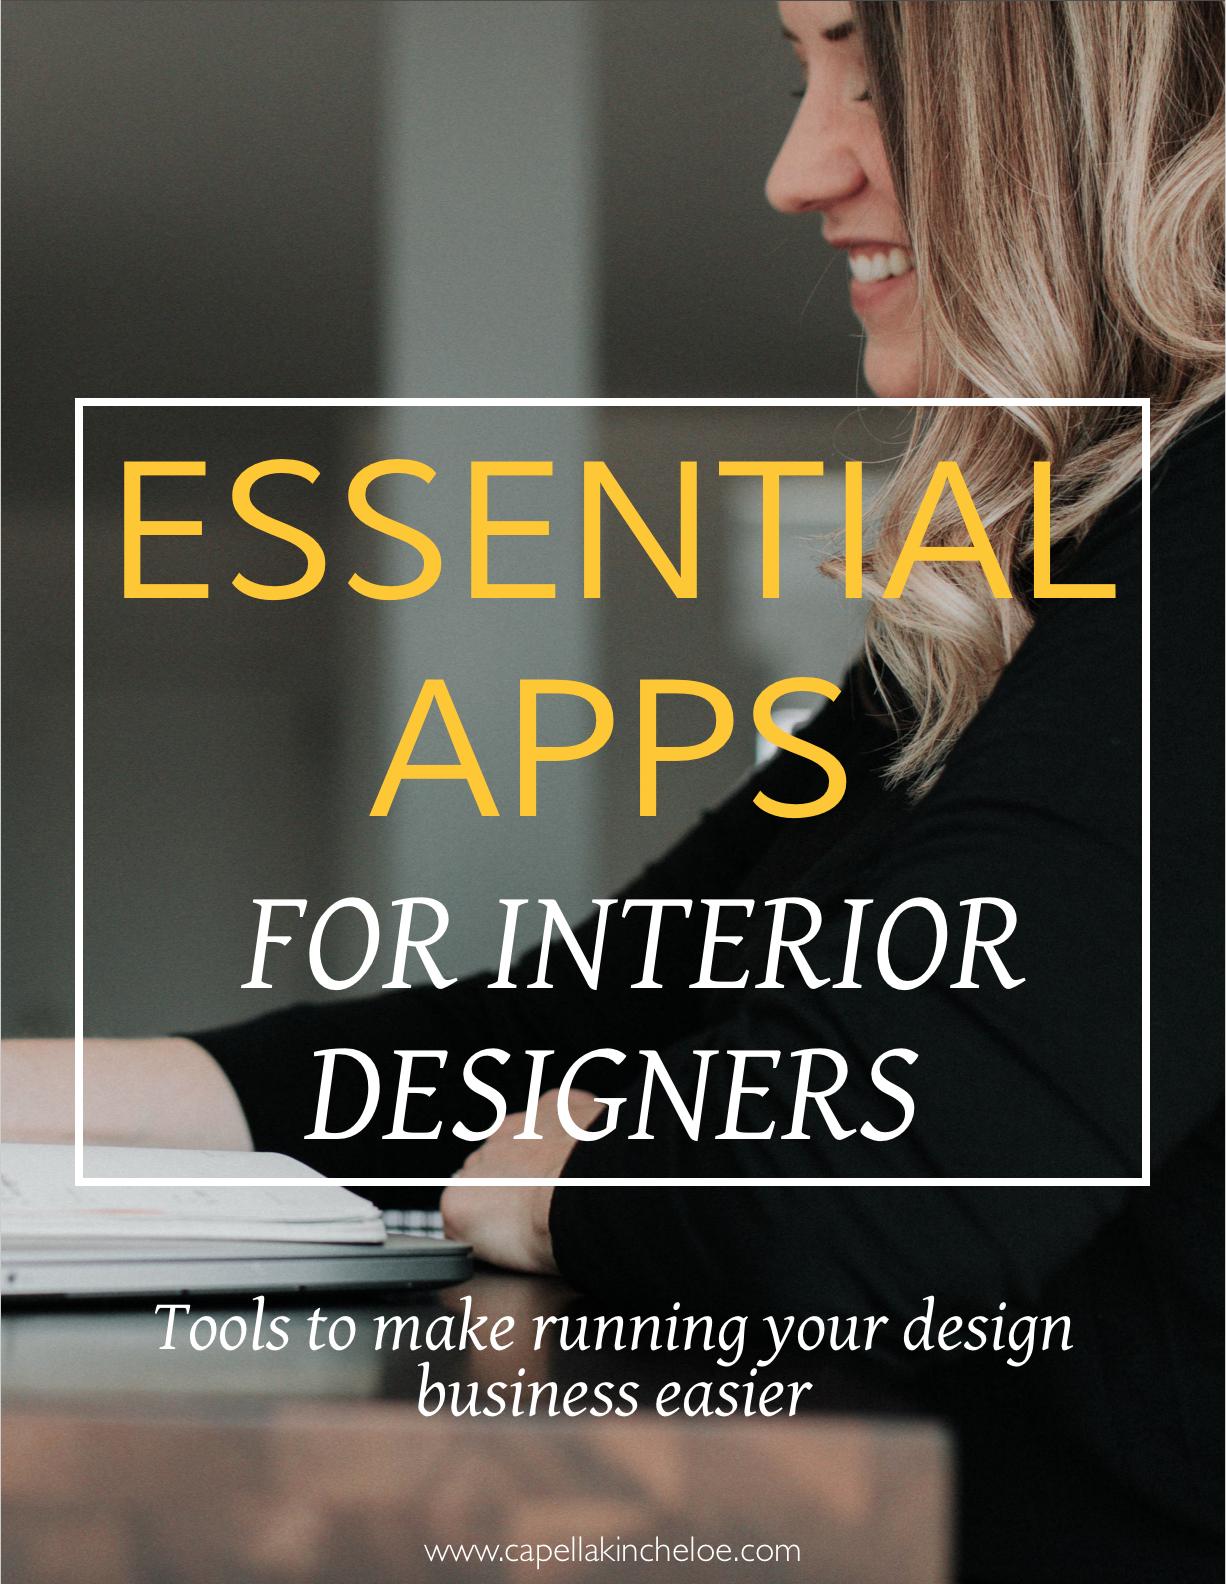 Essential Apps for Interior Designers